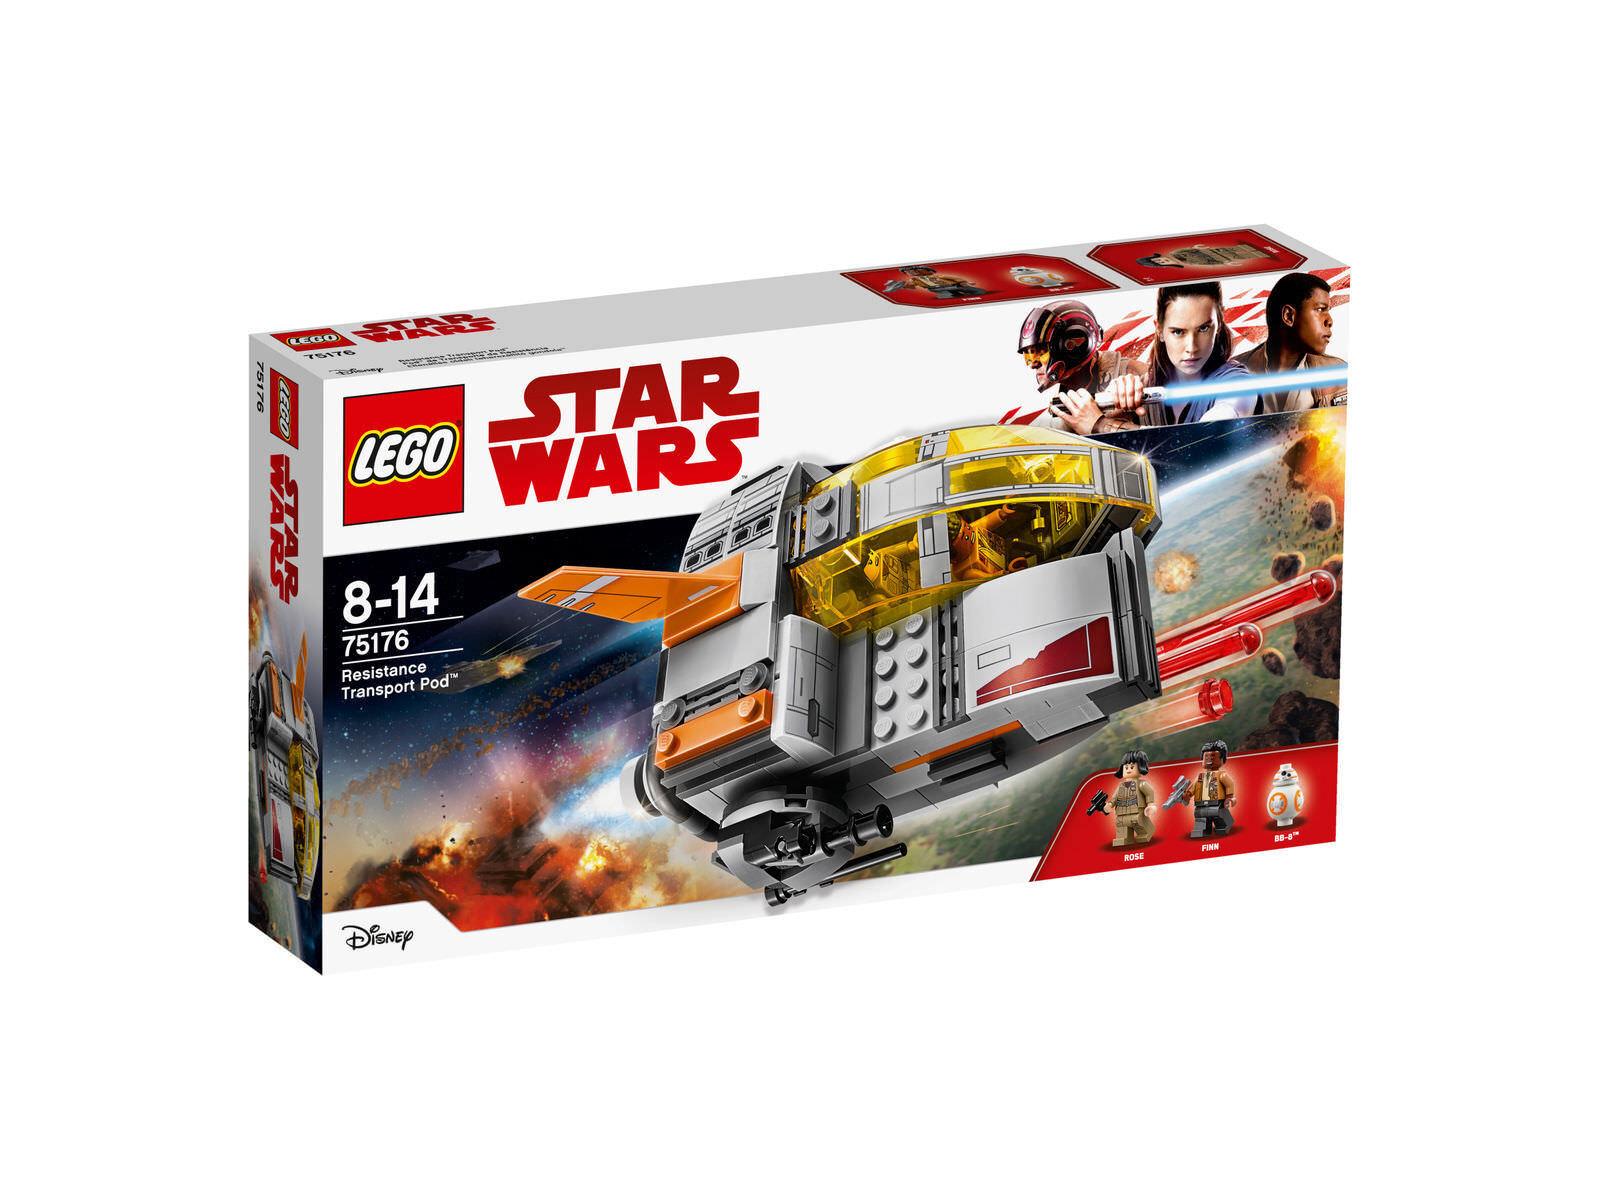 Lego 75176 - Star Wars - - - Confidential_Honey Jar Po NEU a88239